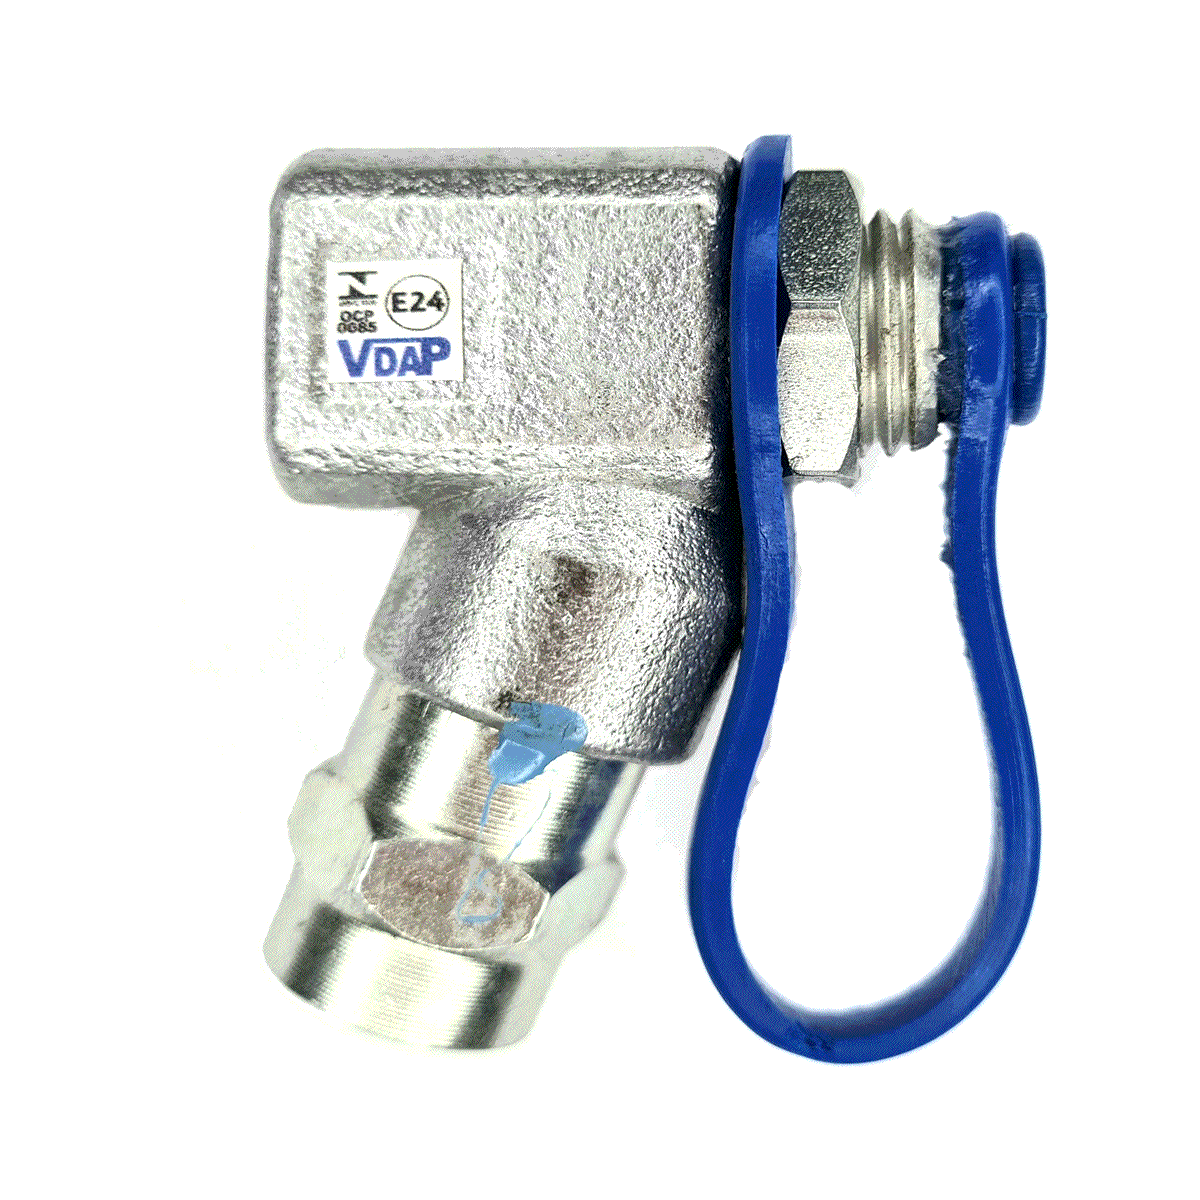 Válvula de Abastecimento Externo GNV VDAP Aço Aprovada IMNETRO